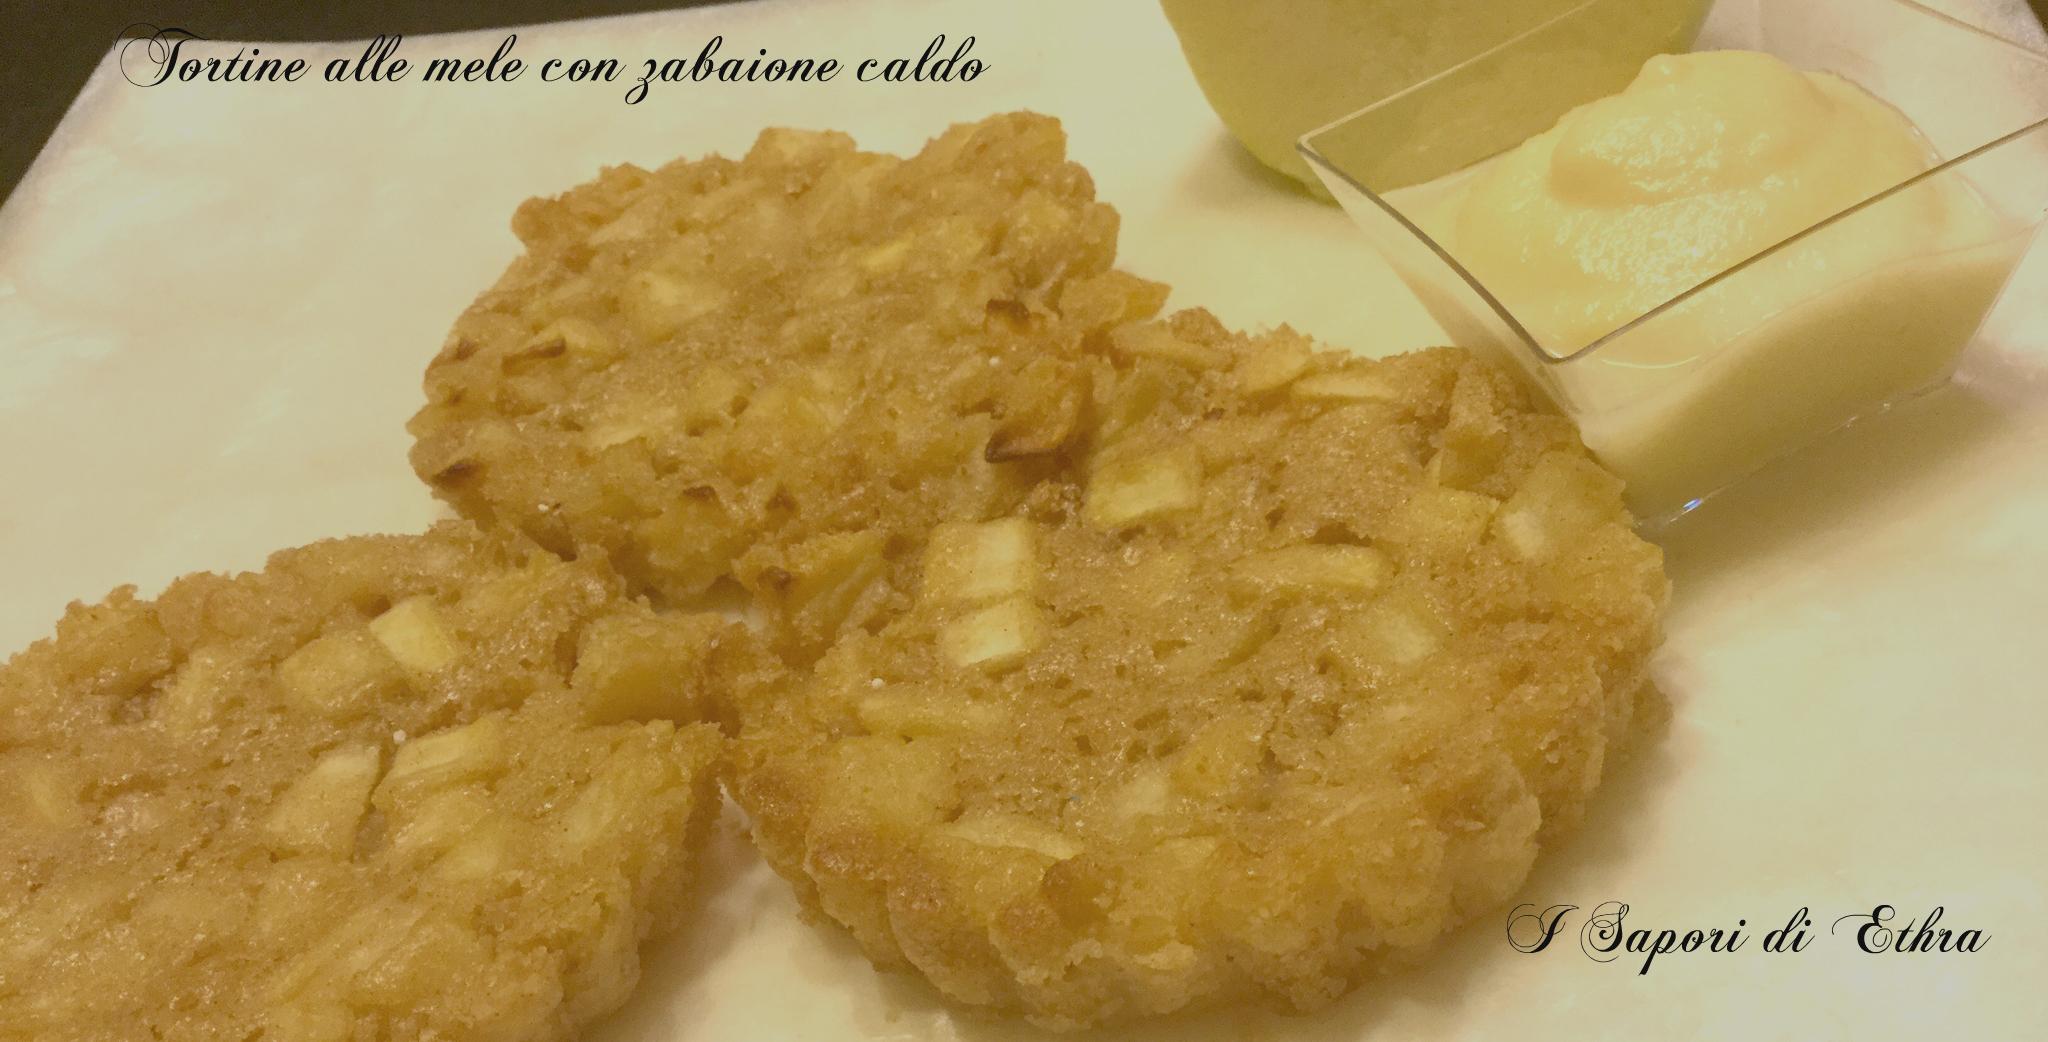 Tortine di mele con zabaione caldo(foto passo passo)